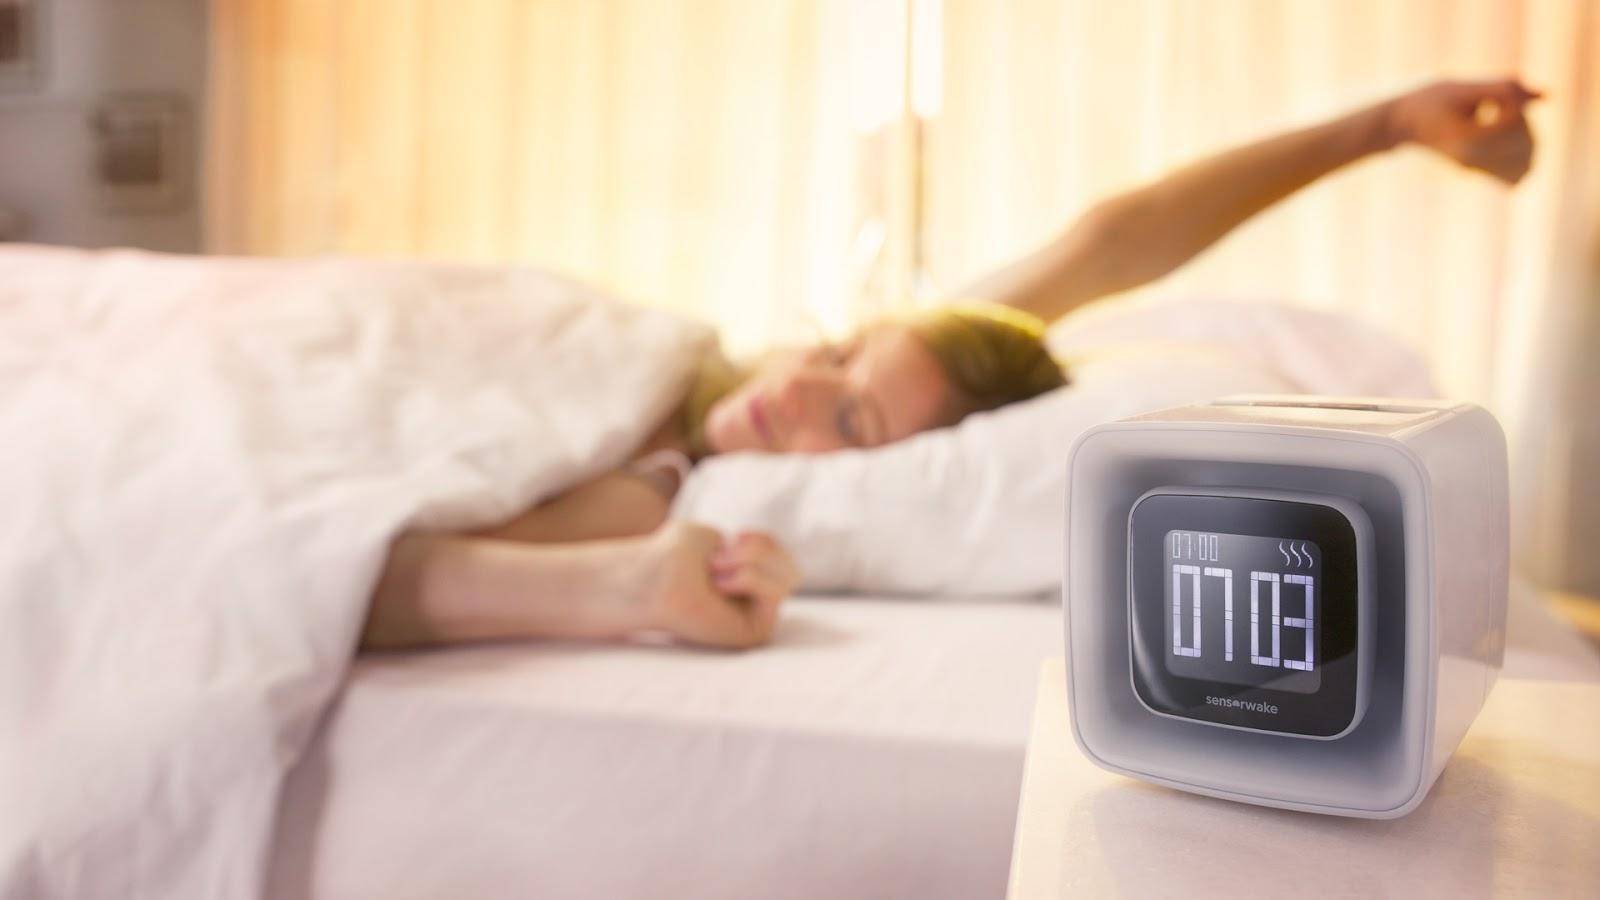 alarm-fuer-die-nase-wach-mit-geruchswecker-healthexperts-net